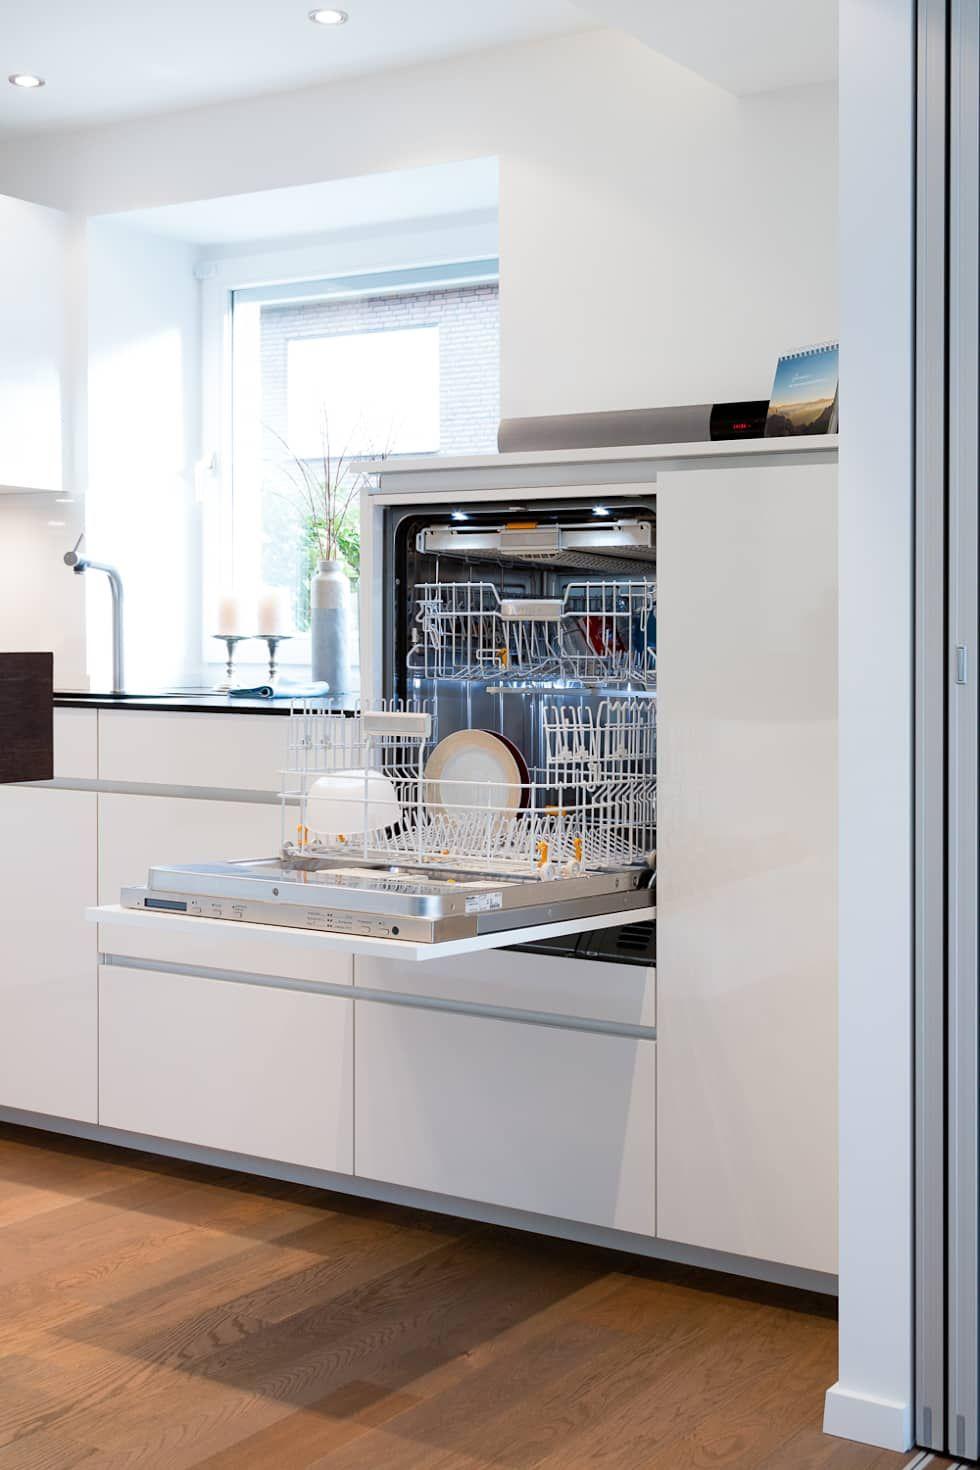 Geschirrspuler Hochgebaut Kuche Von Klocke Mobelwerkstatte Gmbh